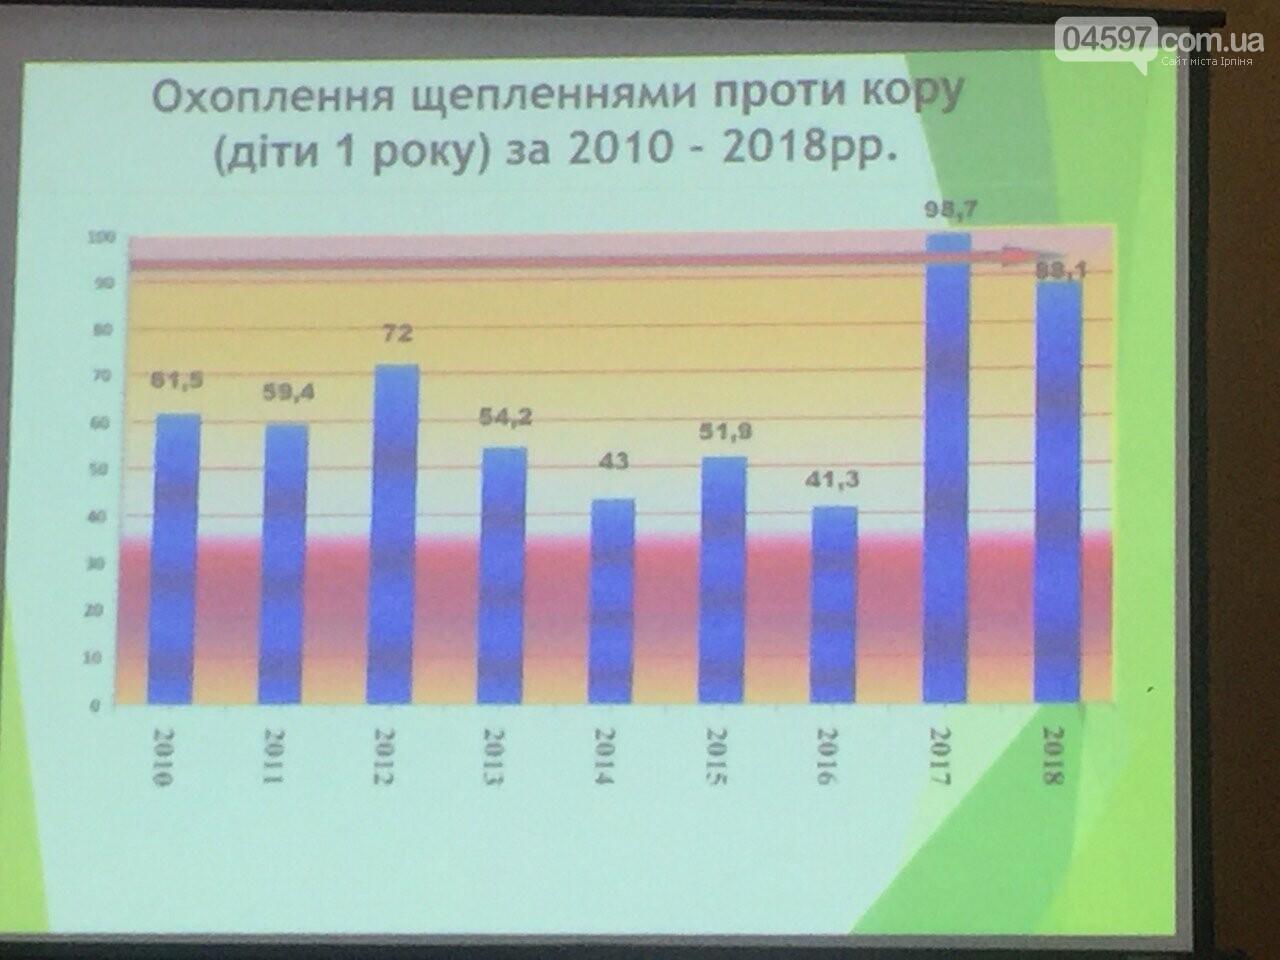 Вакцинація: жахлива статистика від медиків, фото-1